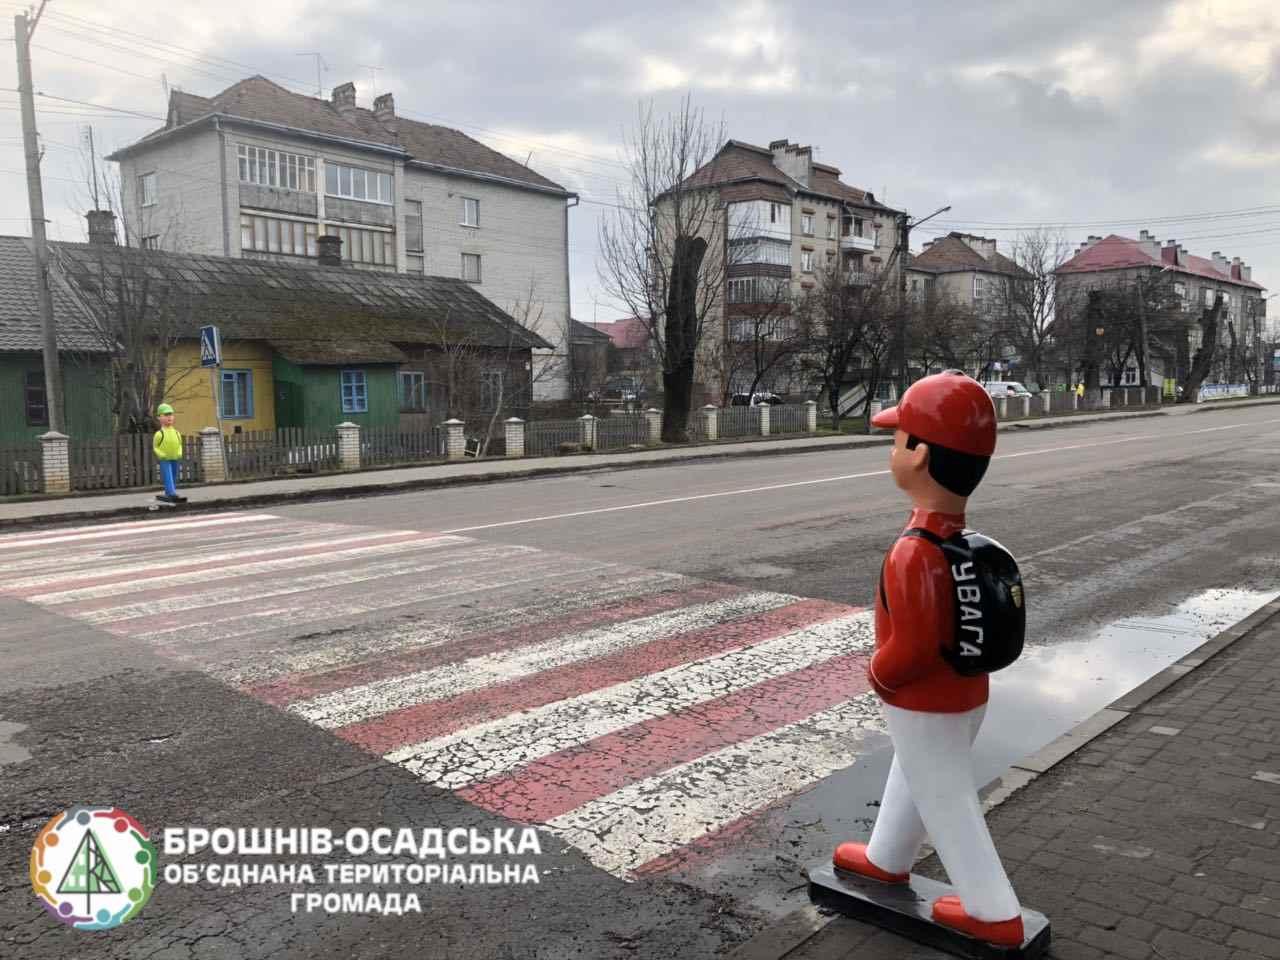 У Брошнів-Осаді біля пішохідних переходів встановили ...